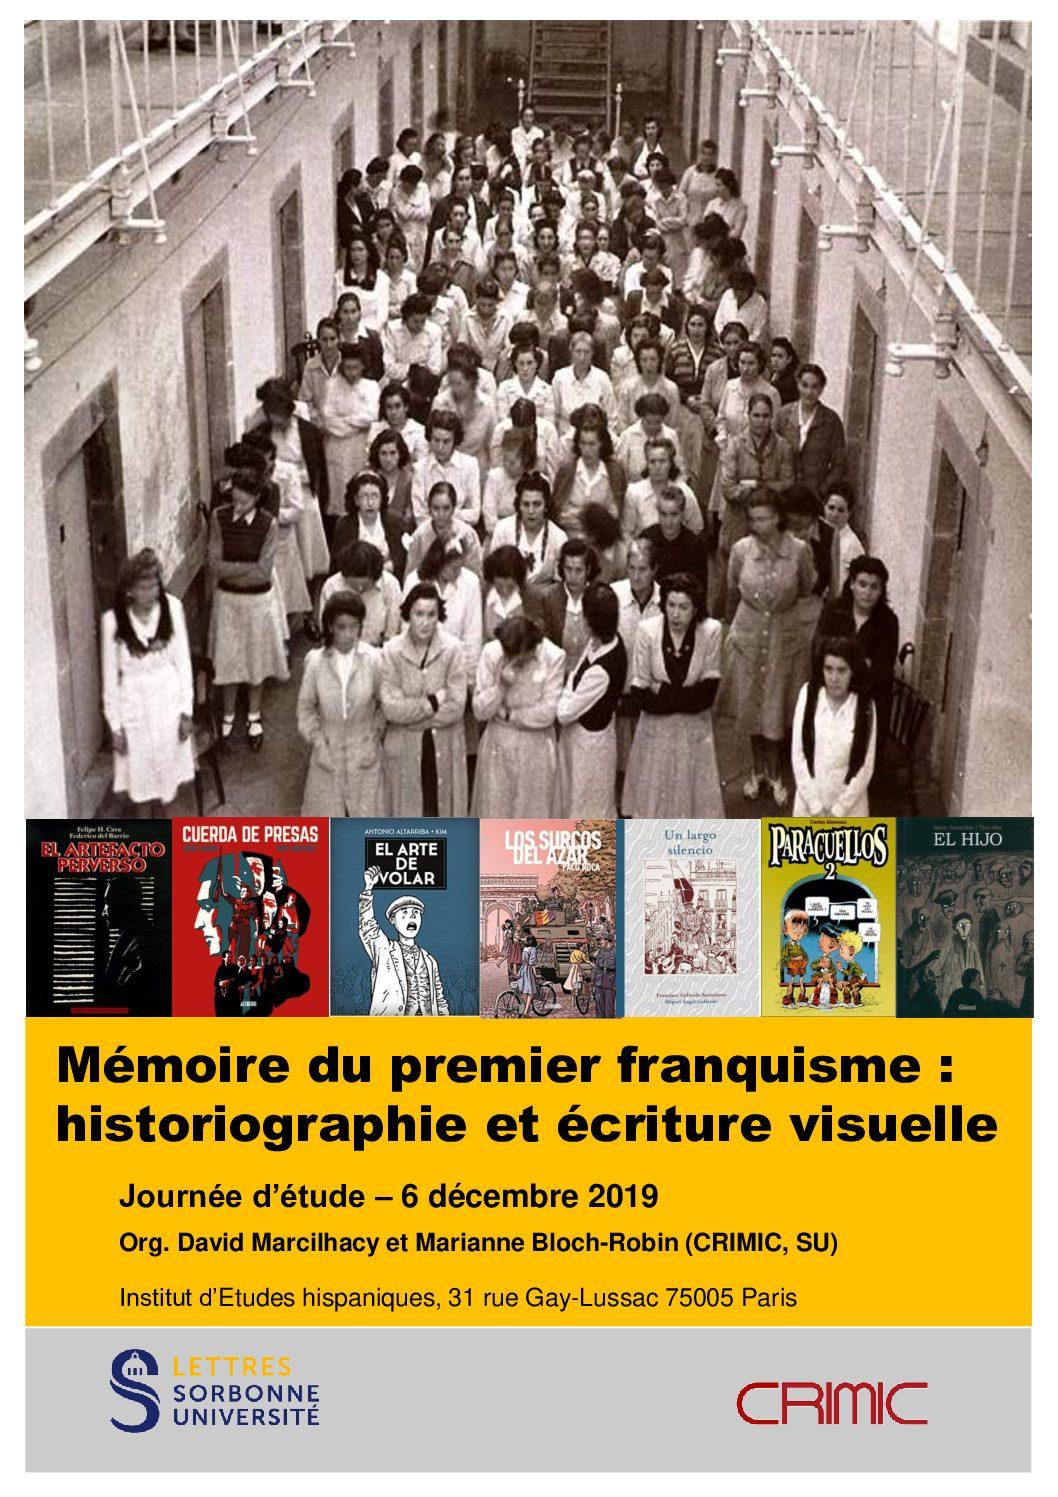 Mémoire du premier franquisme : historiographie et écriture visuelle